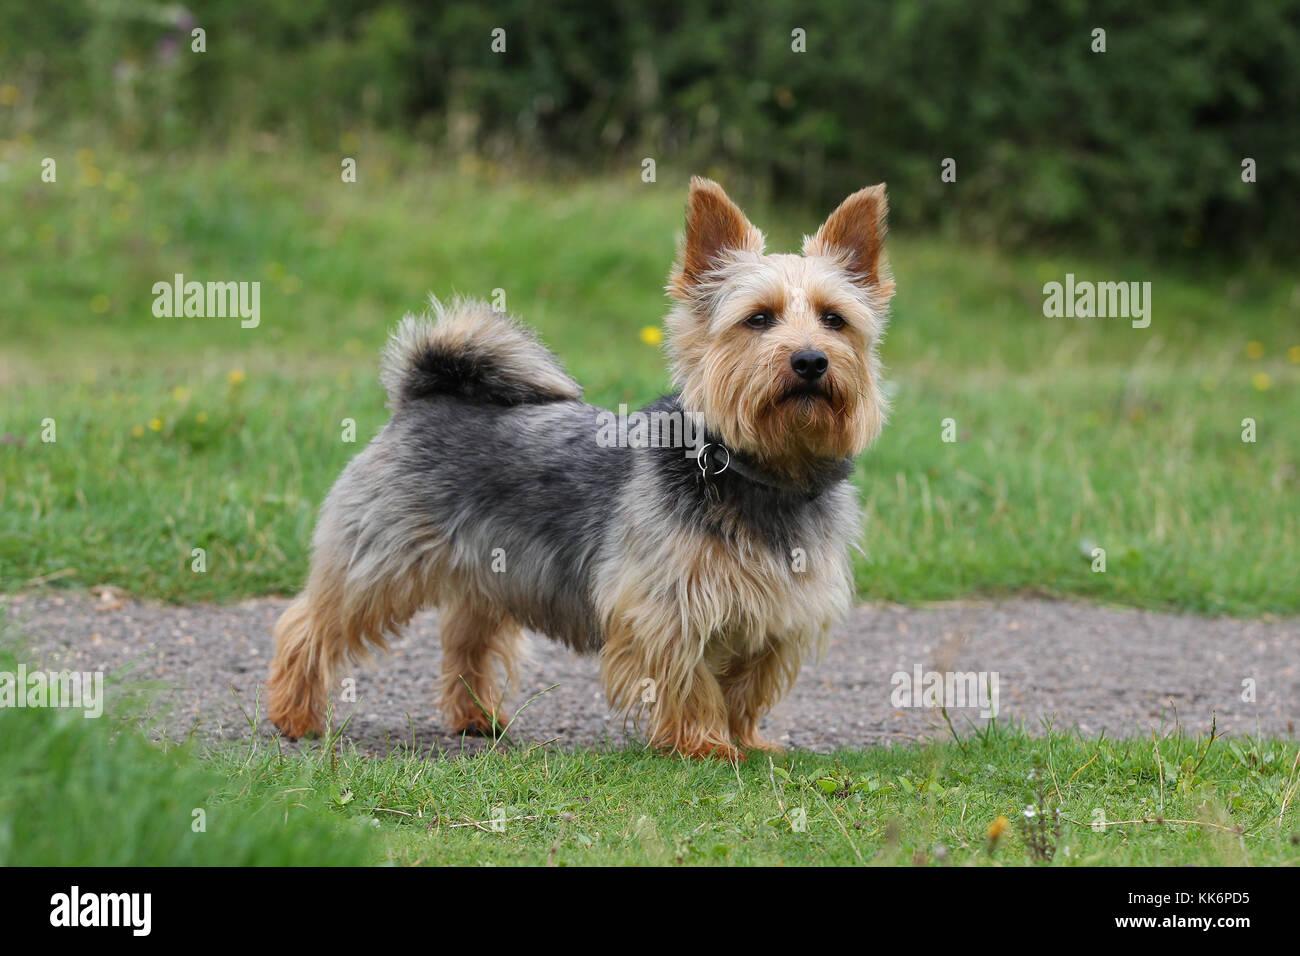 Terrier - Norwich Norwich Terrier Black tan - Stock Image